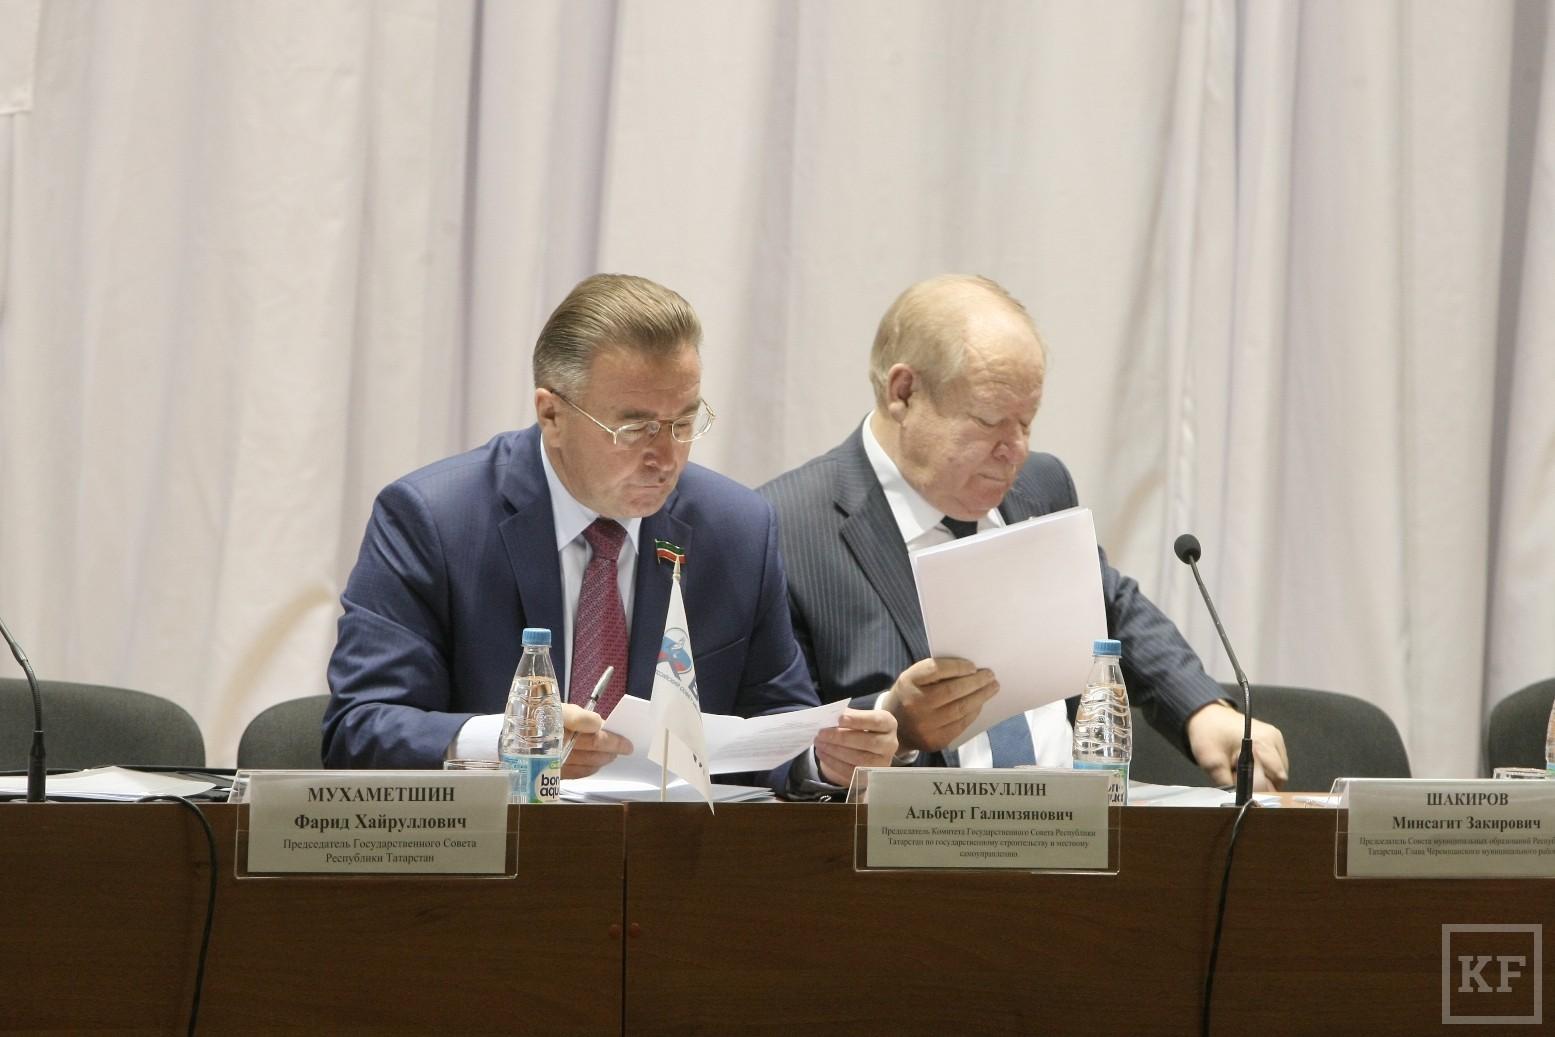 Депутаты Госсовета Татарстана хотят возложить на сельские поселения полномочия по реализации нацполитики